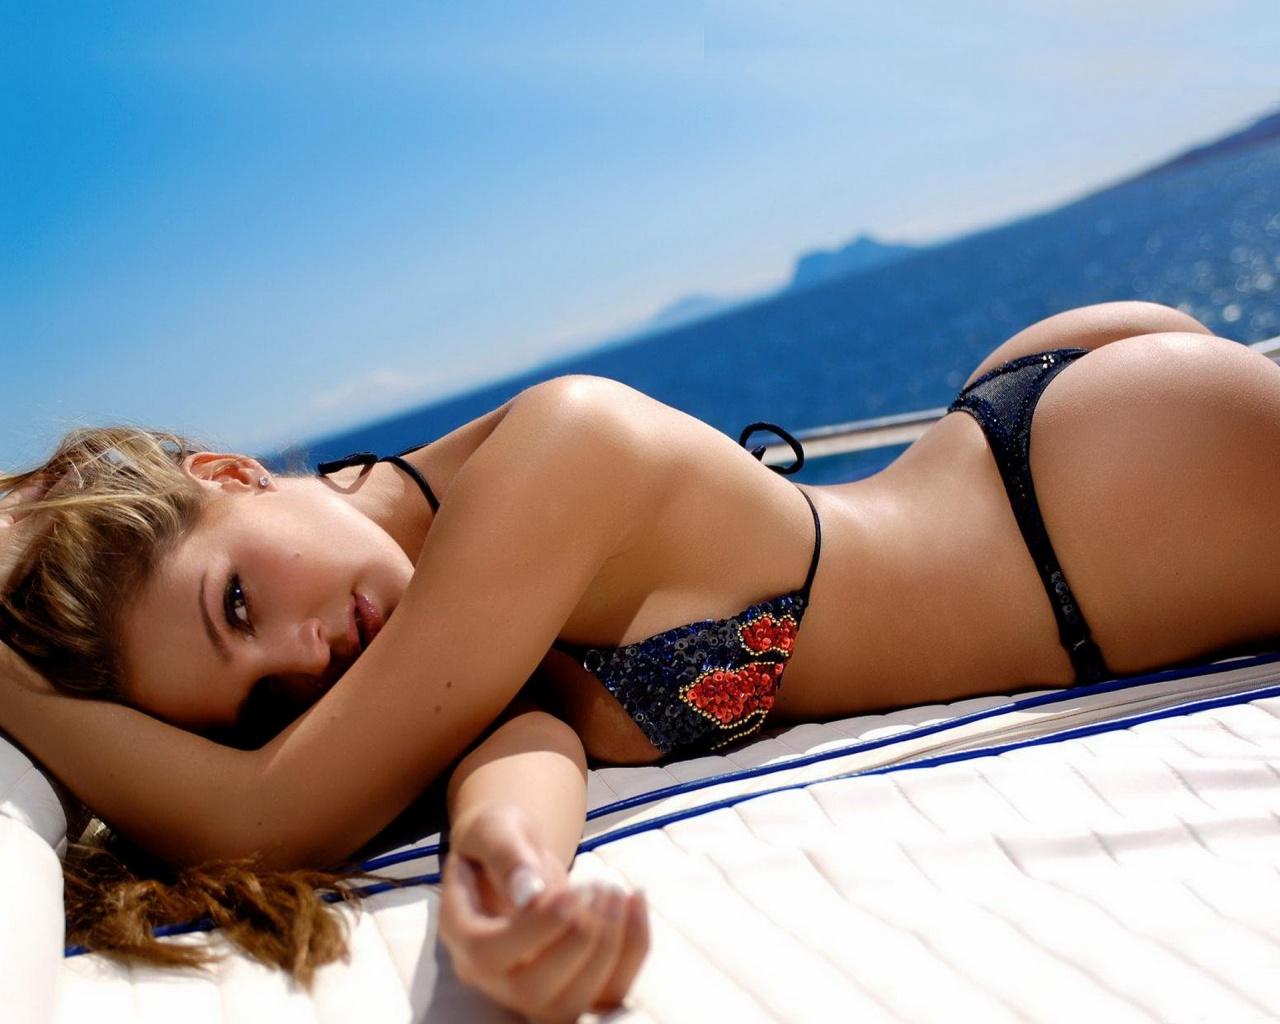 http://3.bp.blogspot.com/-LBUP0OPwxD0/TlC4Ko_azSI/AAAAAAAAAsg/X0e9tSZyjK4/s1600/Bikini+Wallpaper+Download+Sexy.jpg